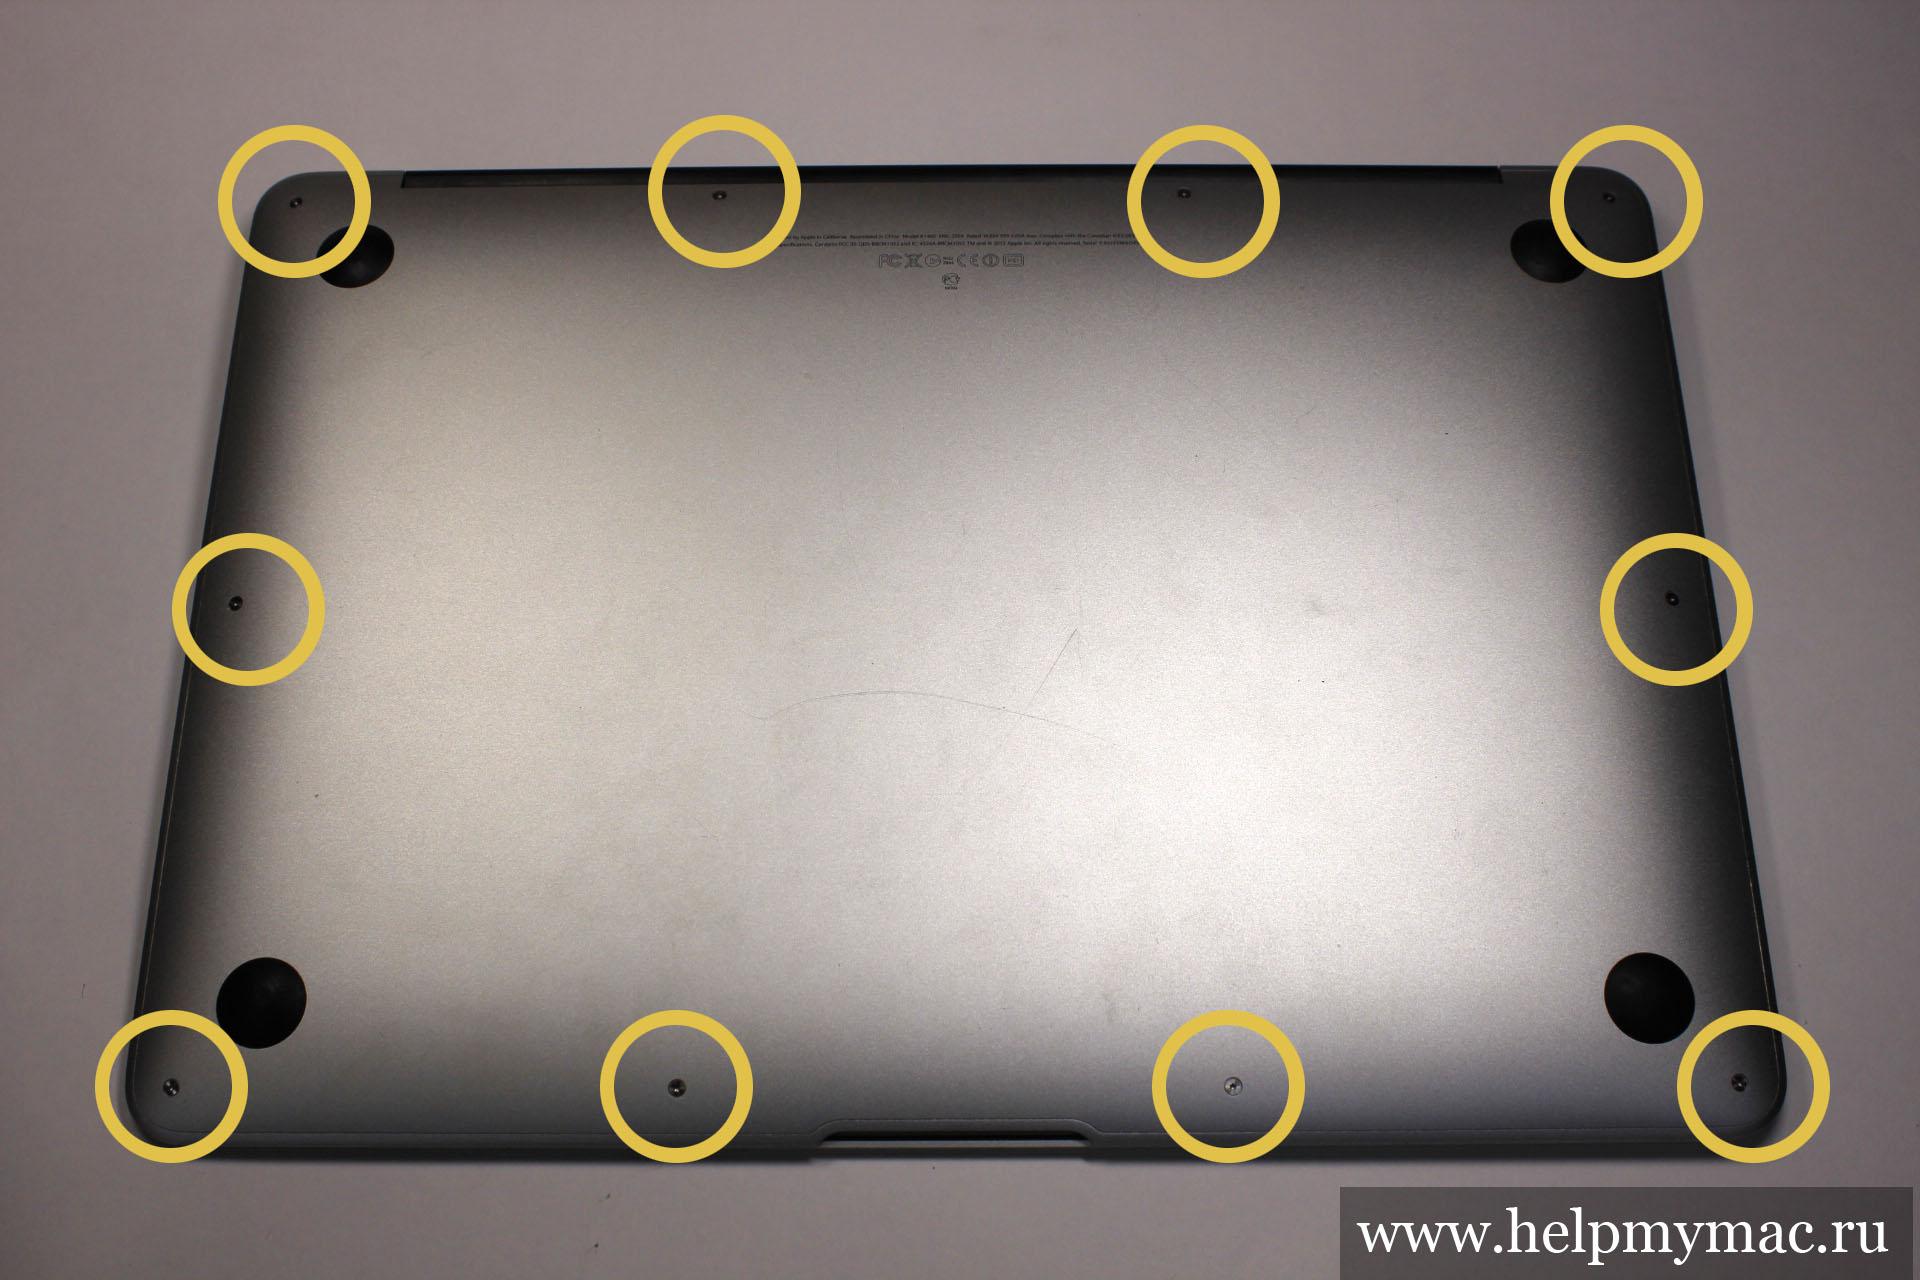 Нижняя крышка MacBook Air прикручена на 10 винтов Pentalobe